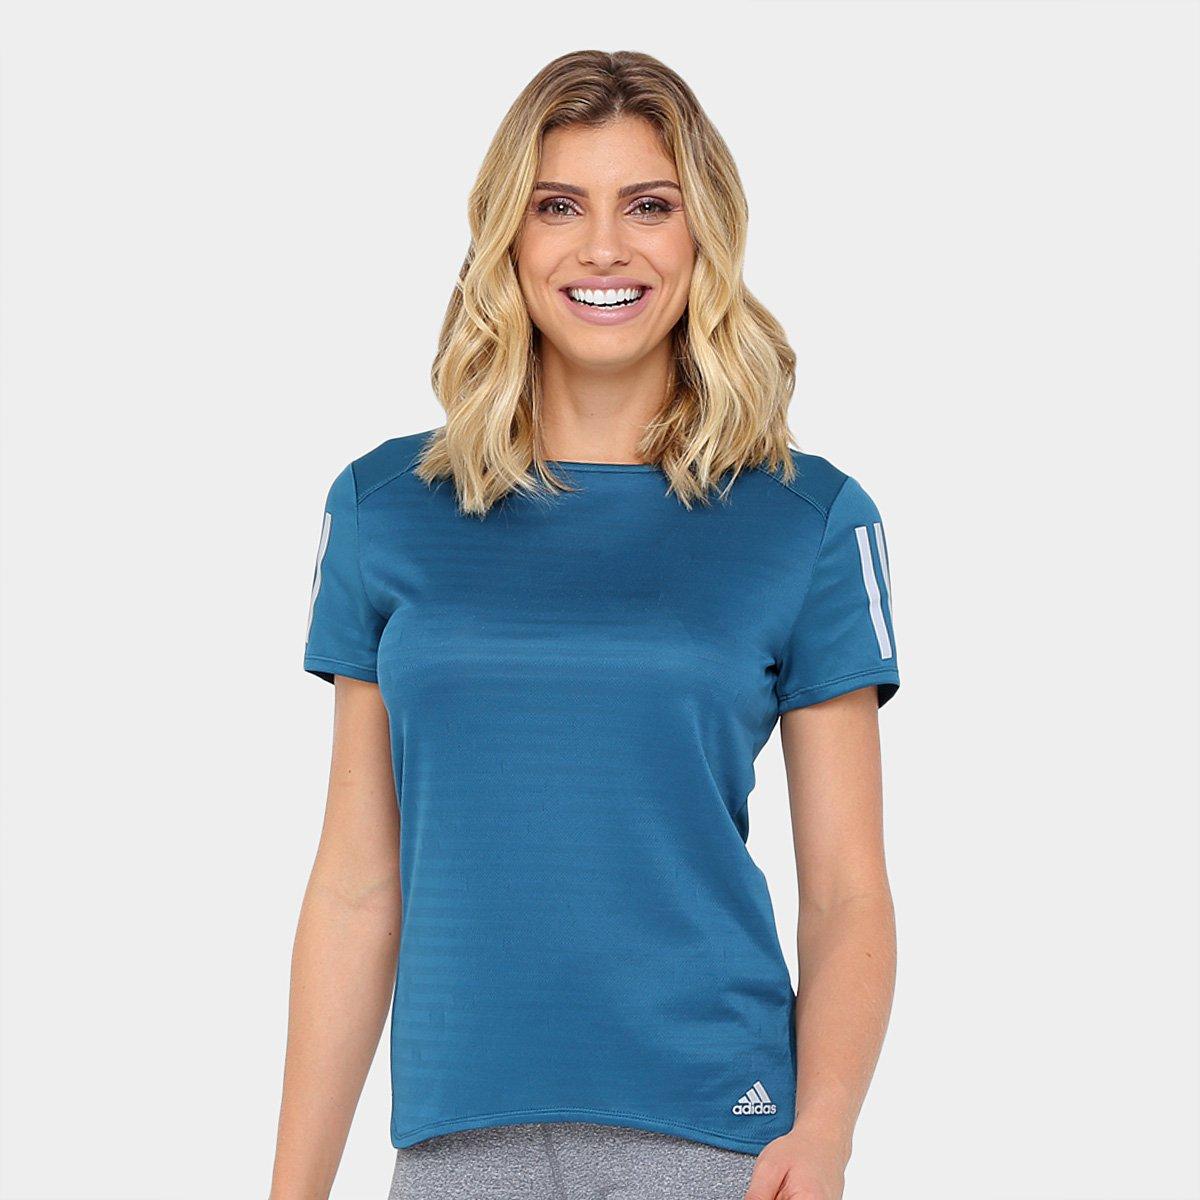 17f7737a0c956 Camiseta Adidas Response Feminina - Compre Agora